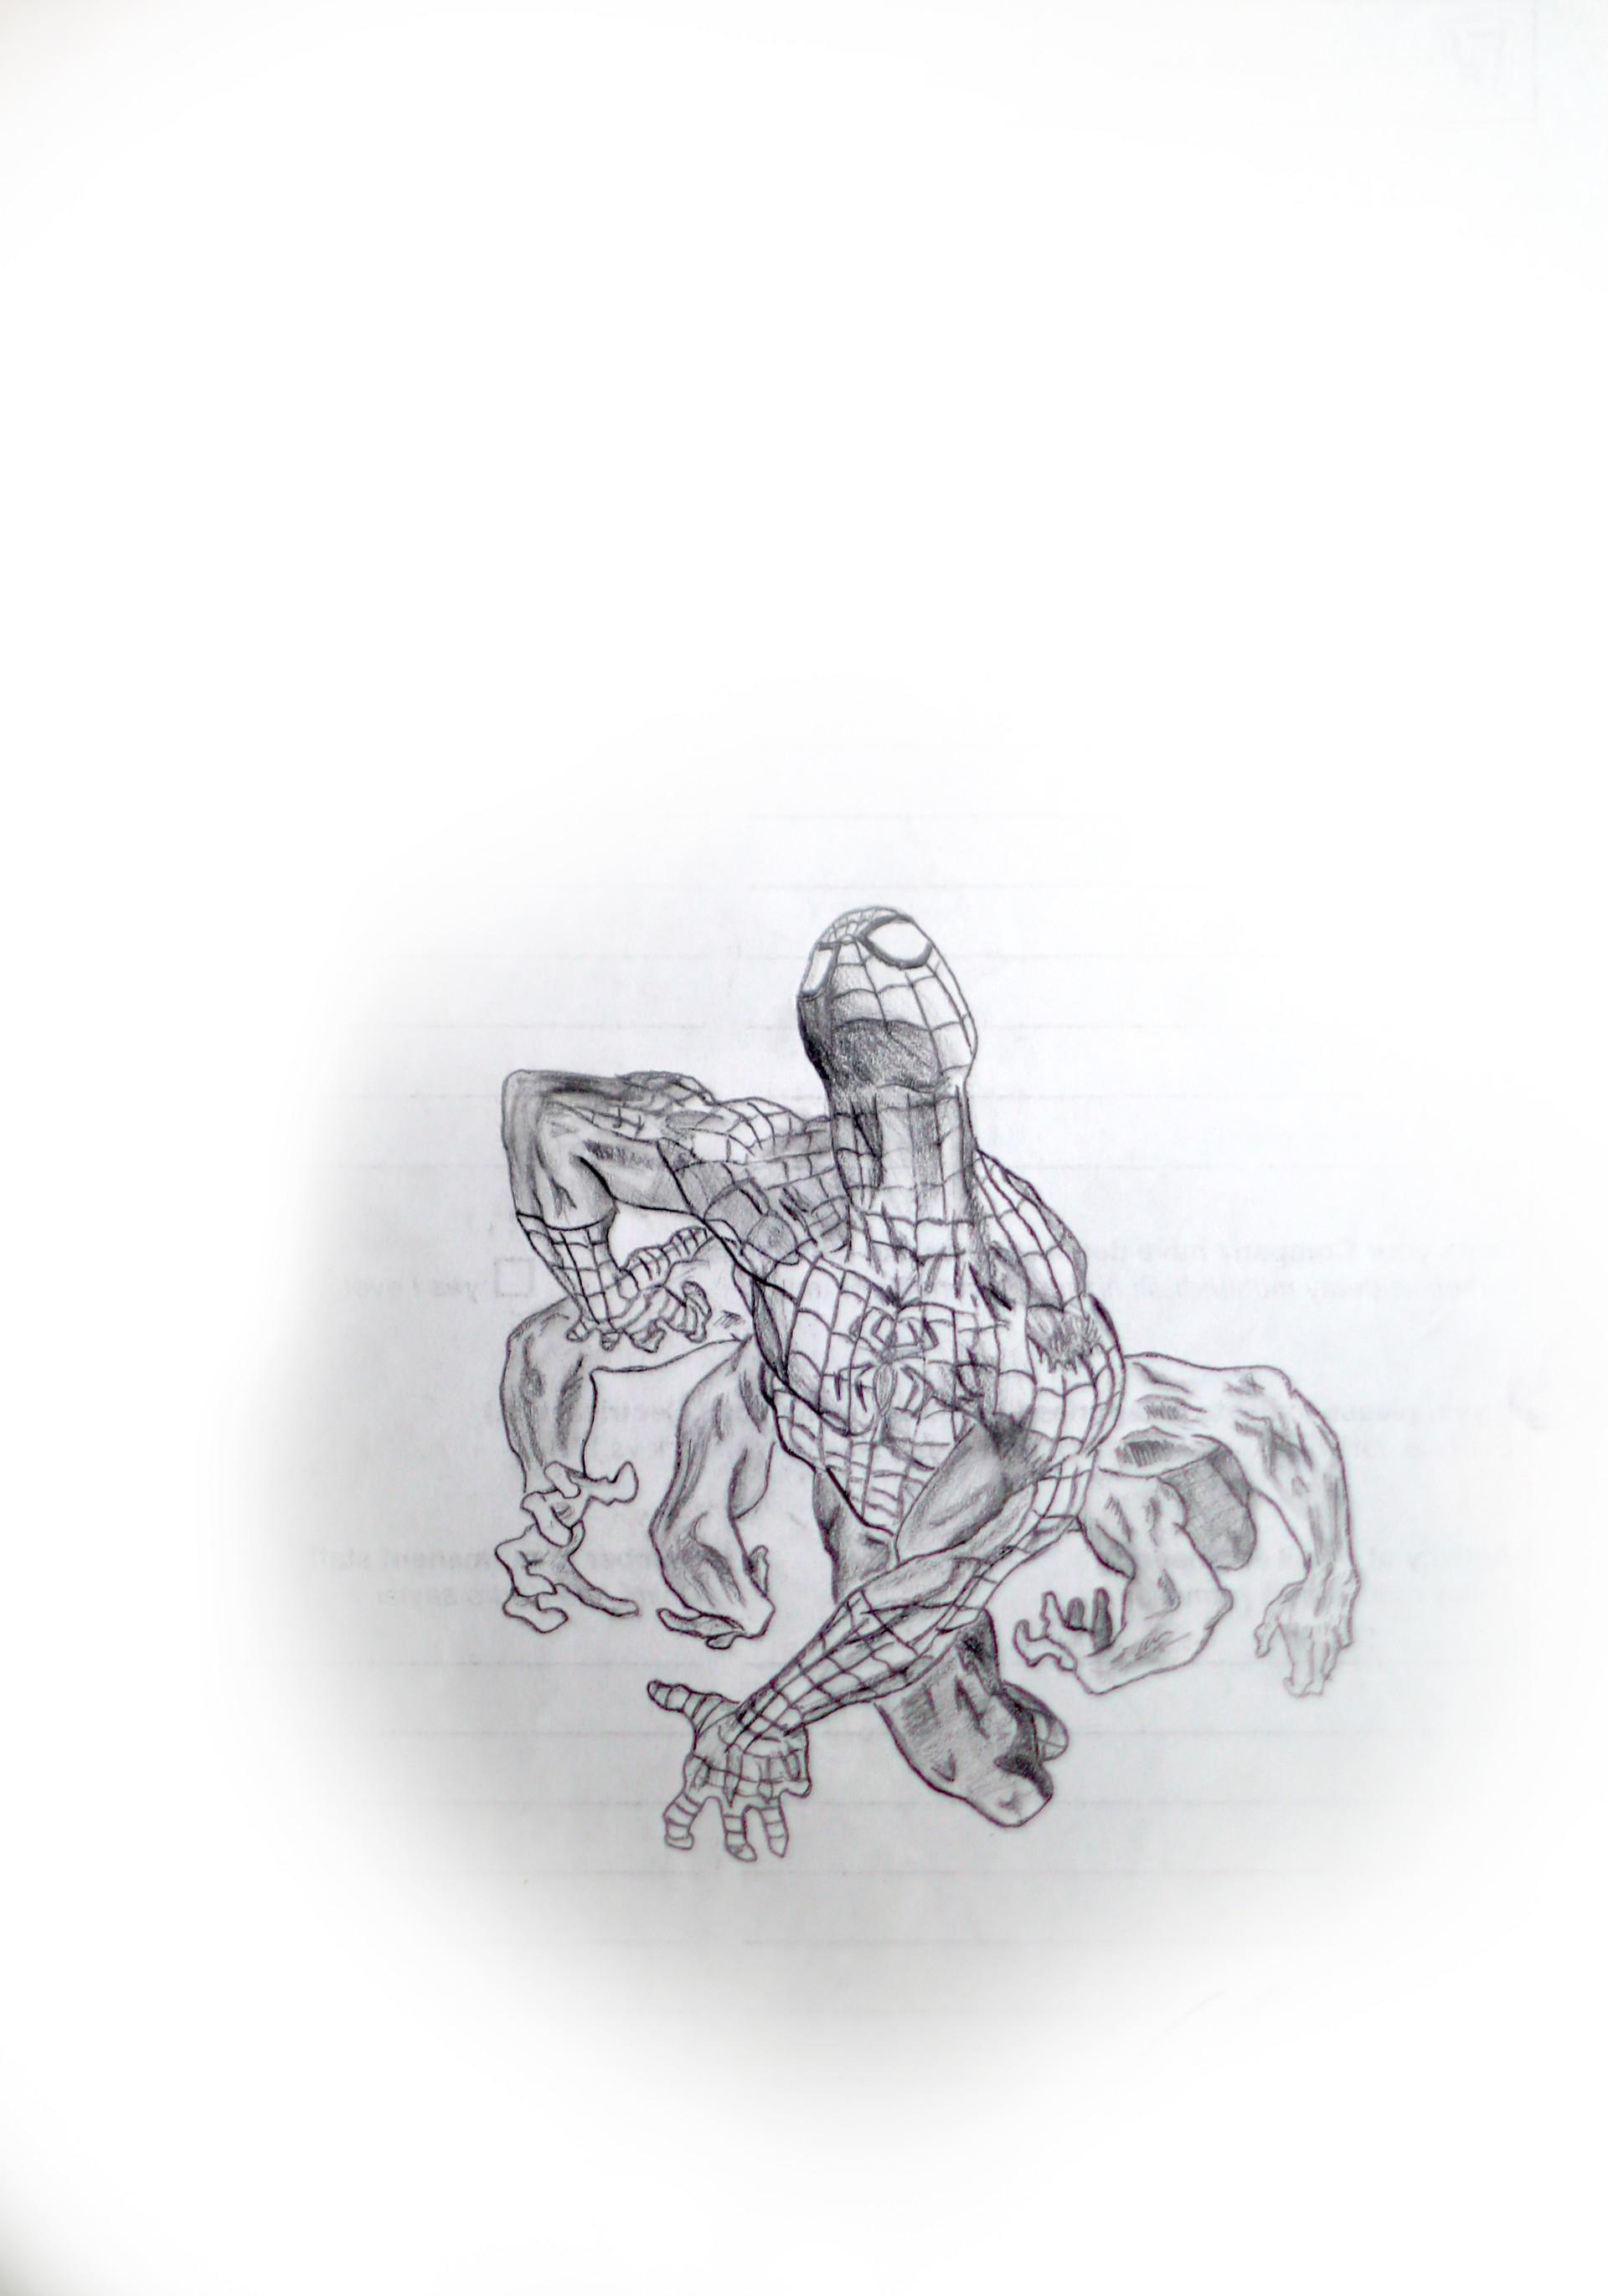 Ogeday çelik spiderman pencil drawing